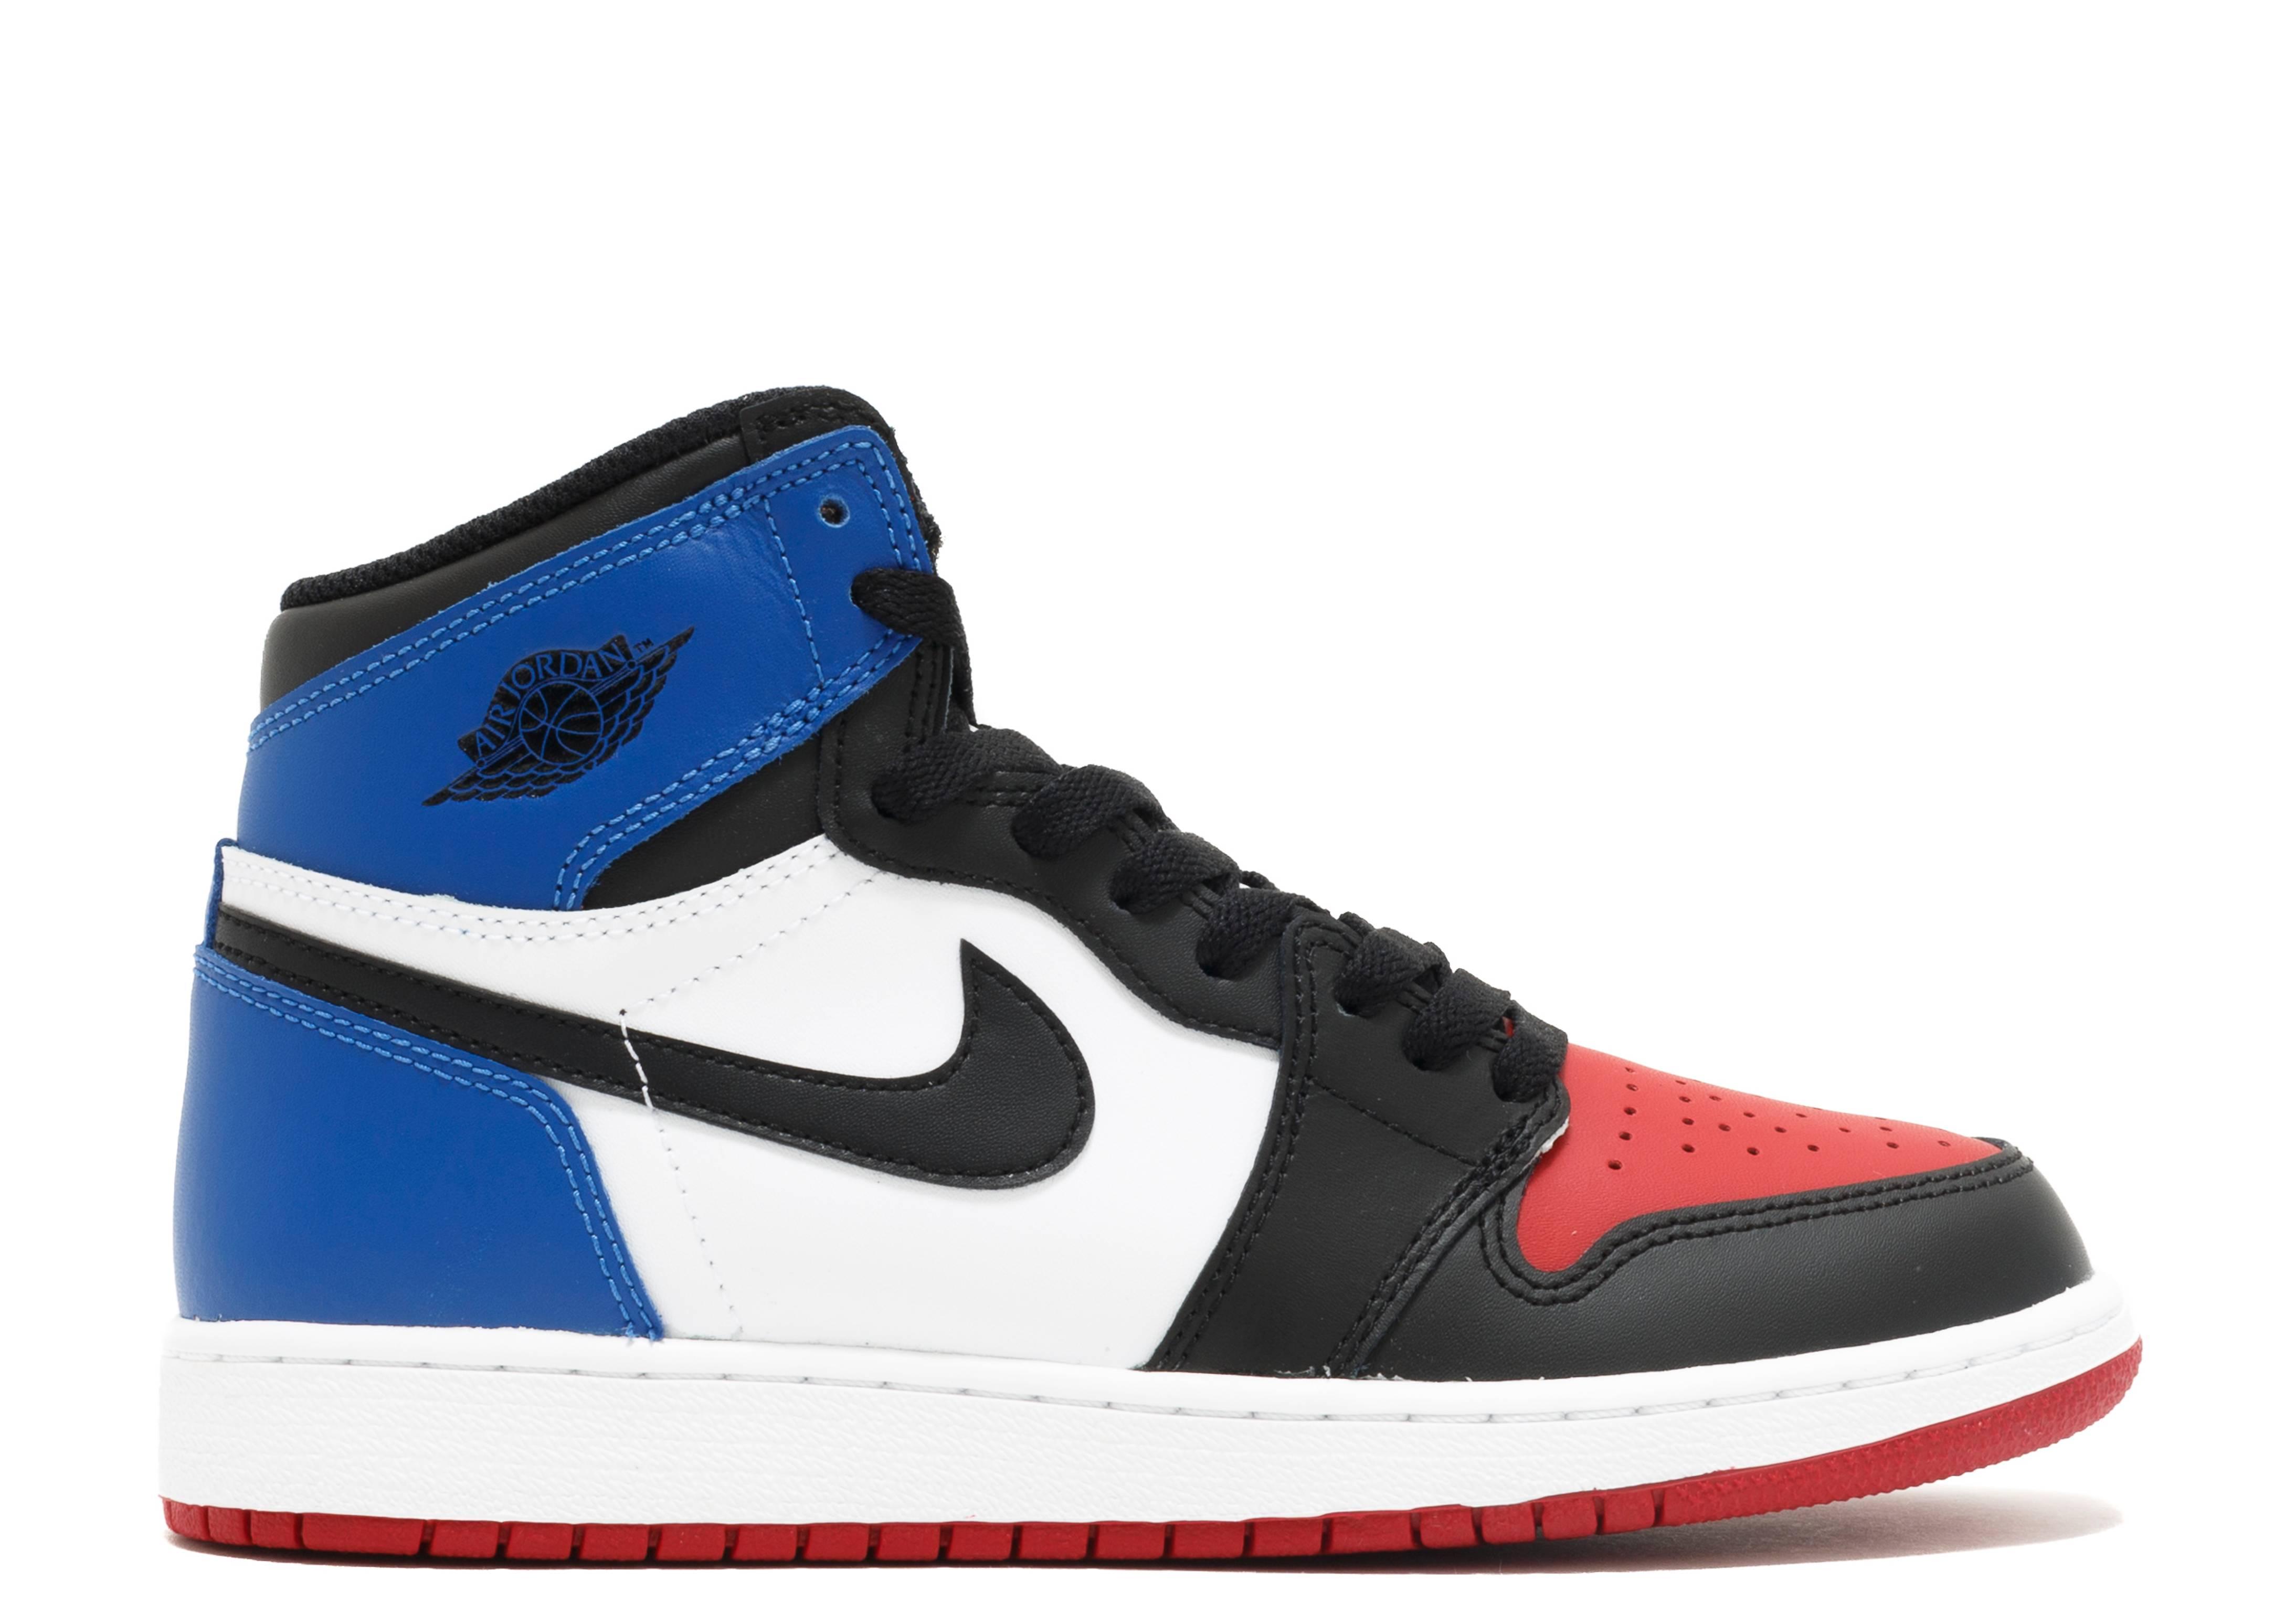 air jordan royal blue 1 gs